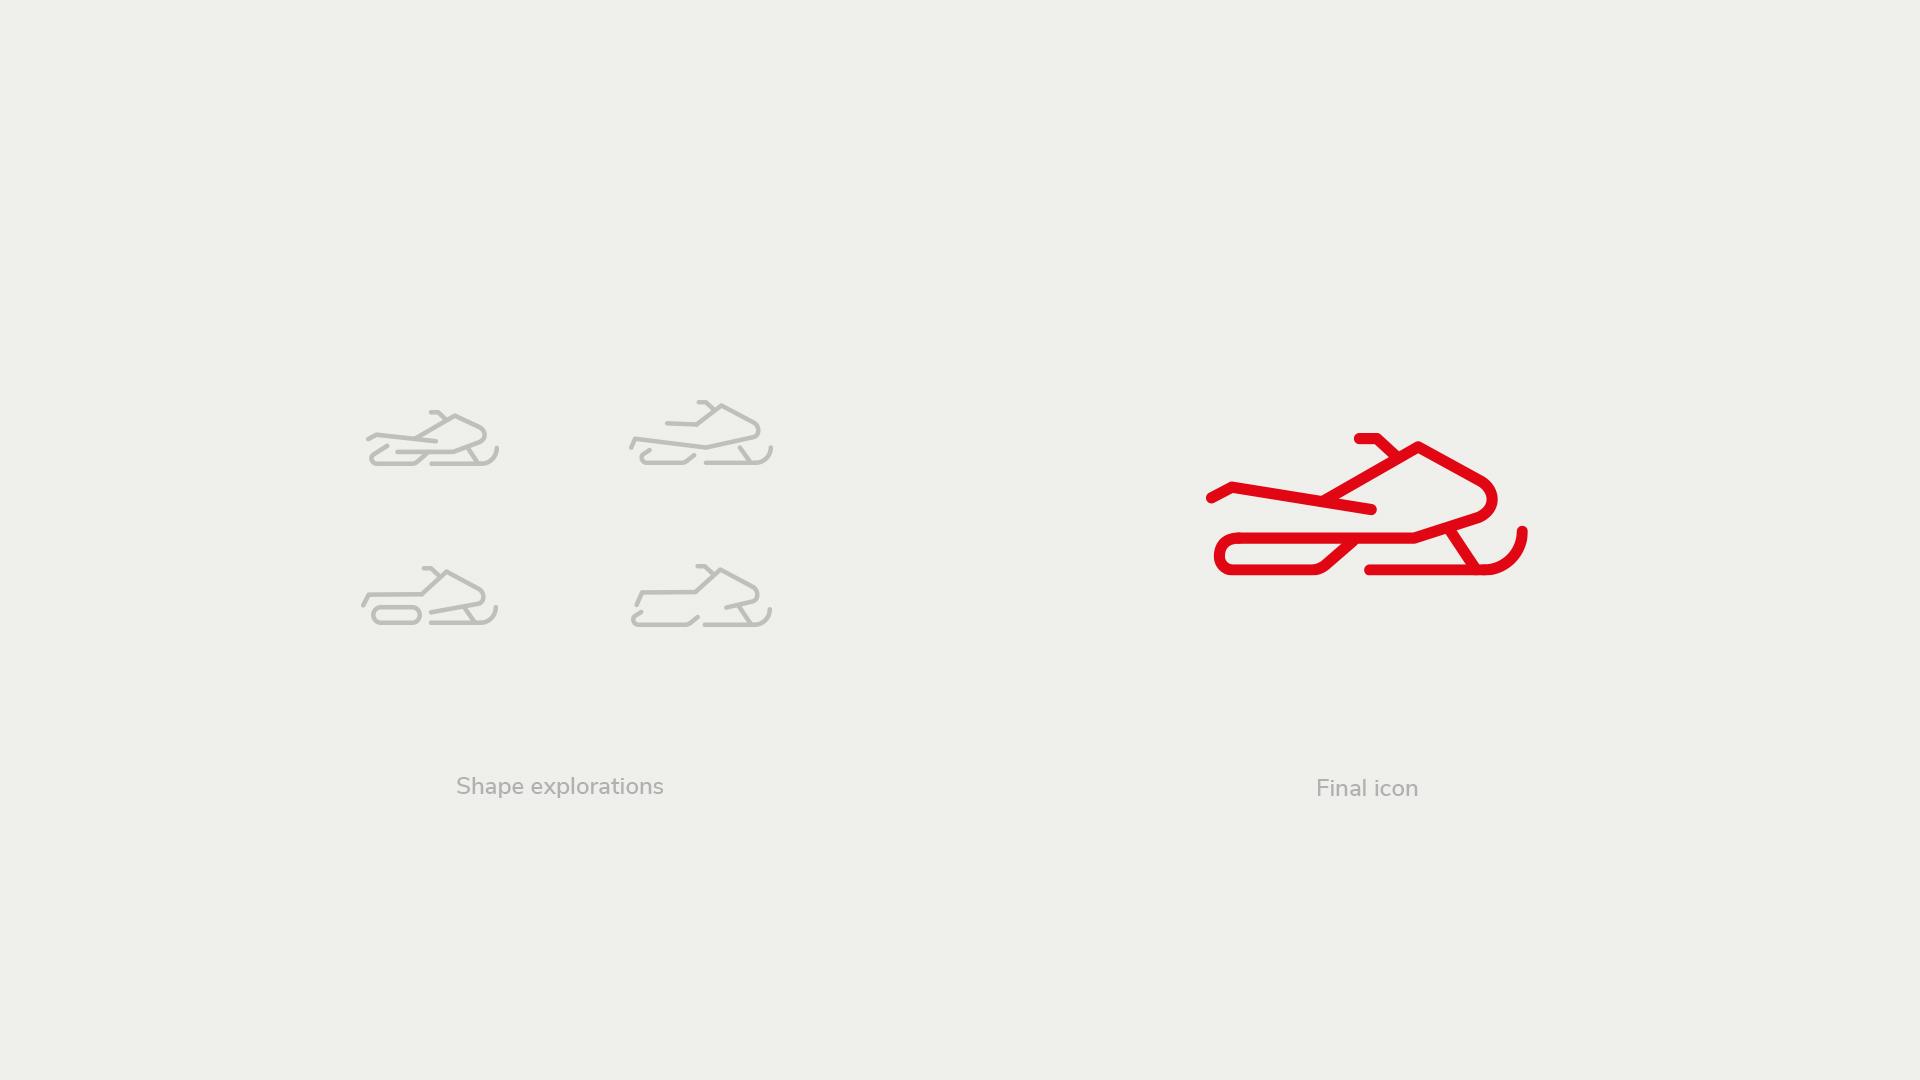 santander-icons-process-2